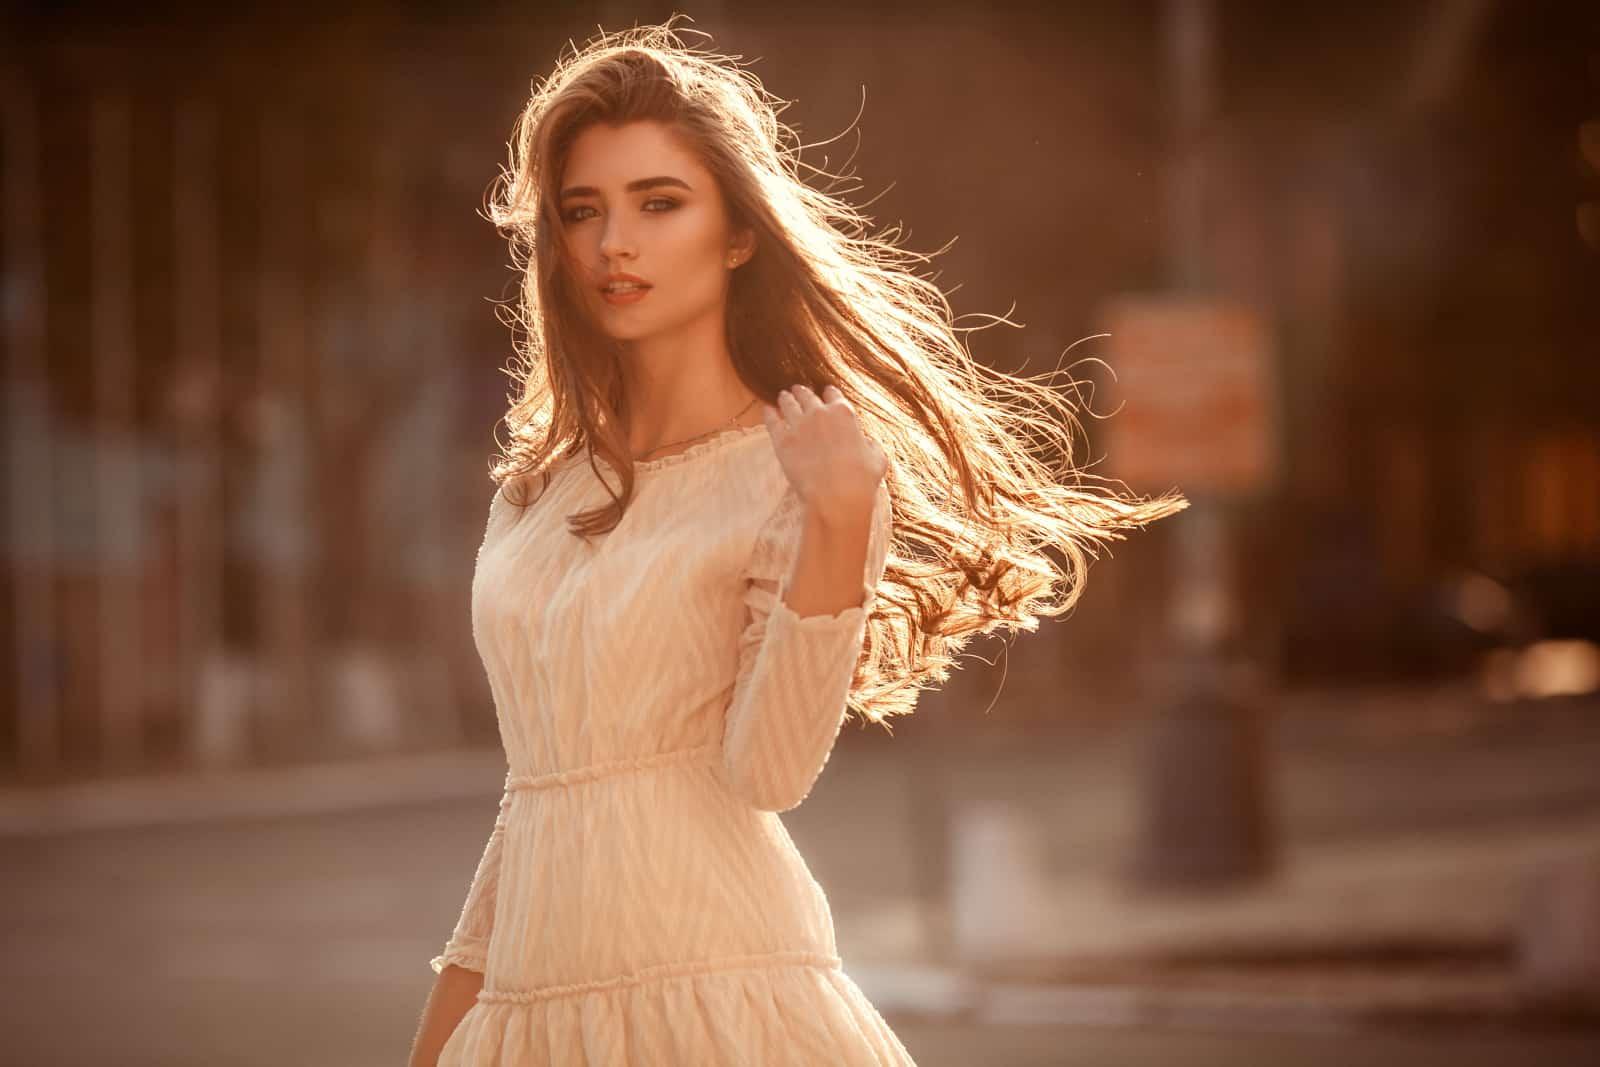 ein schönes junges Mädchen in einem weißen Kleid